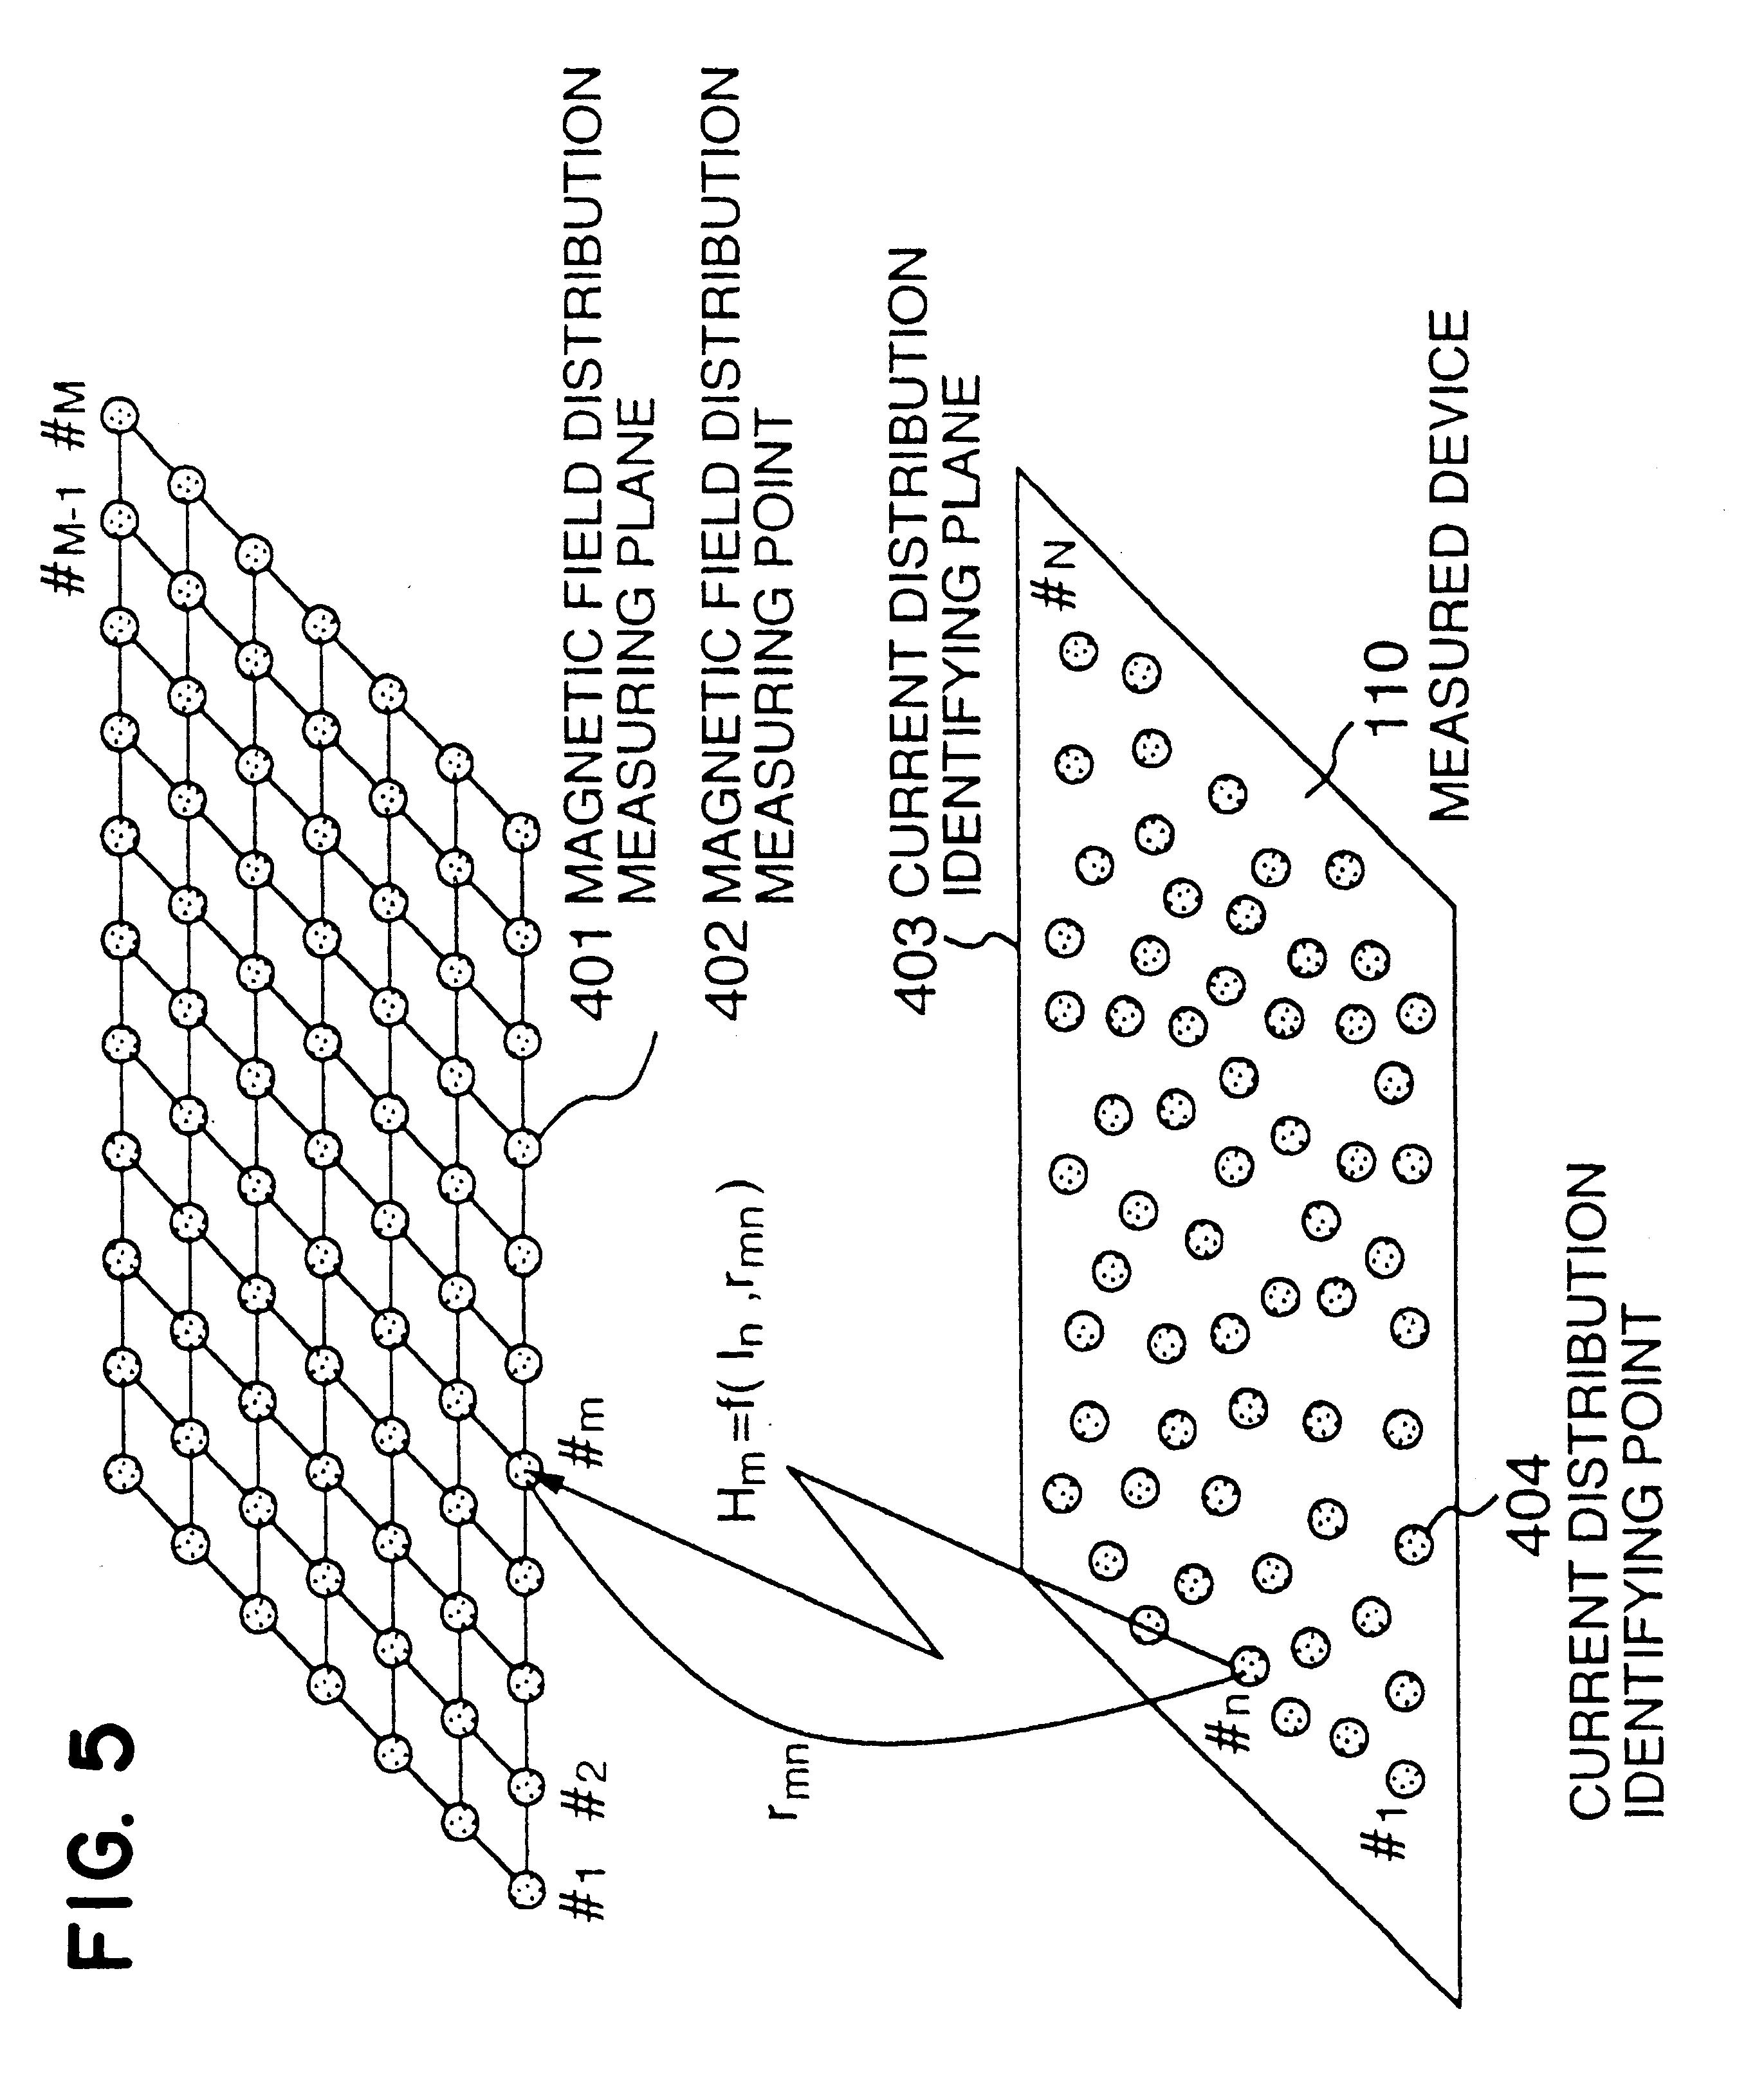 patent us6411104